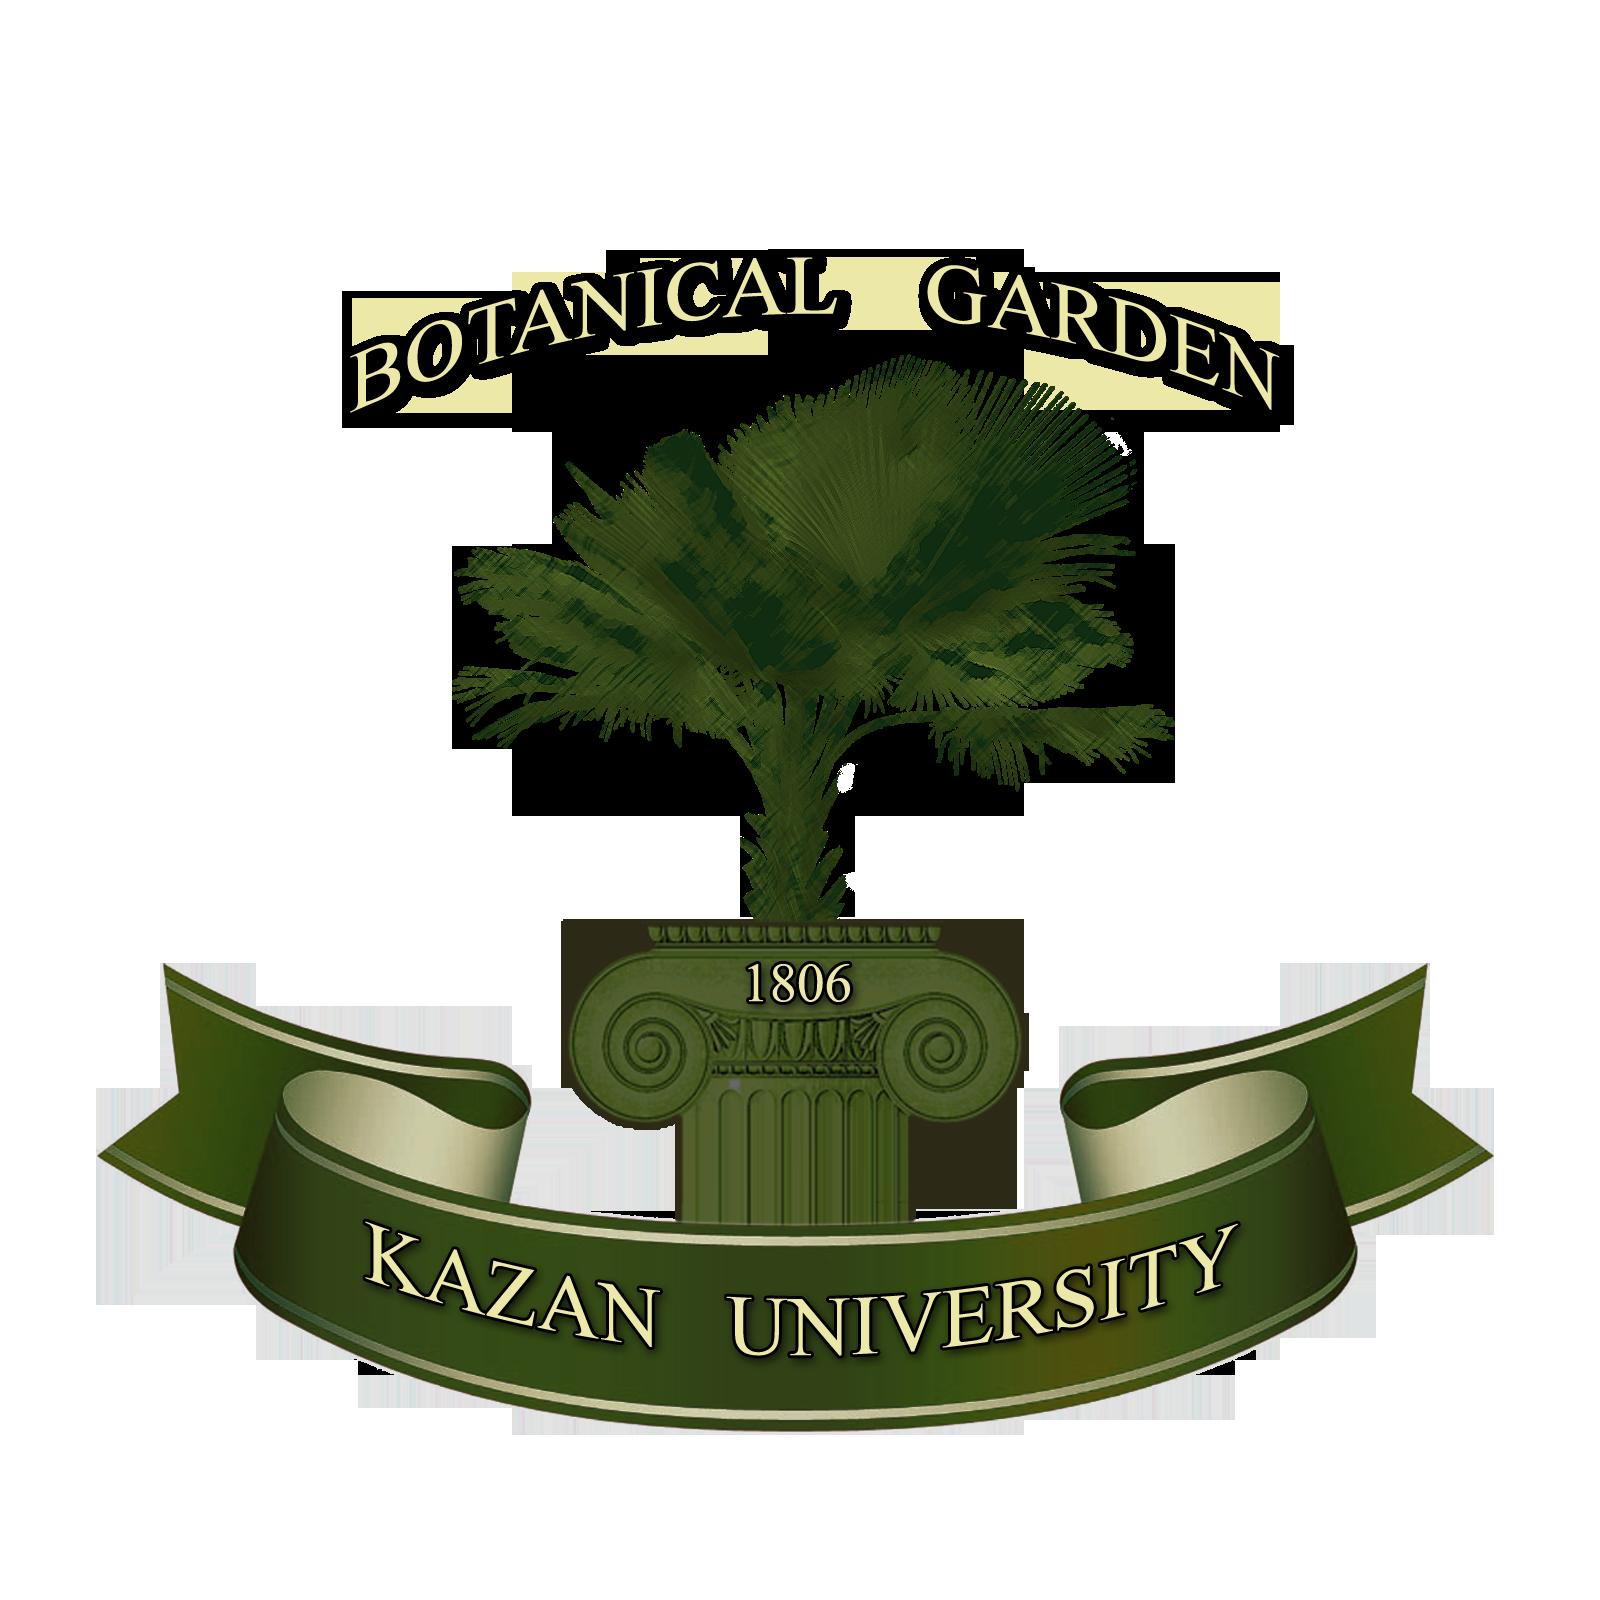 ПОРТАЛ КФУ \ Образование \ Институт фундаментальной медицины и биологии \ О нас \ Другие подразделения Института \ Ботанический сад